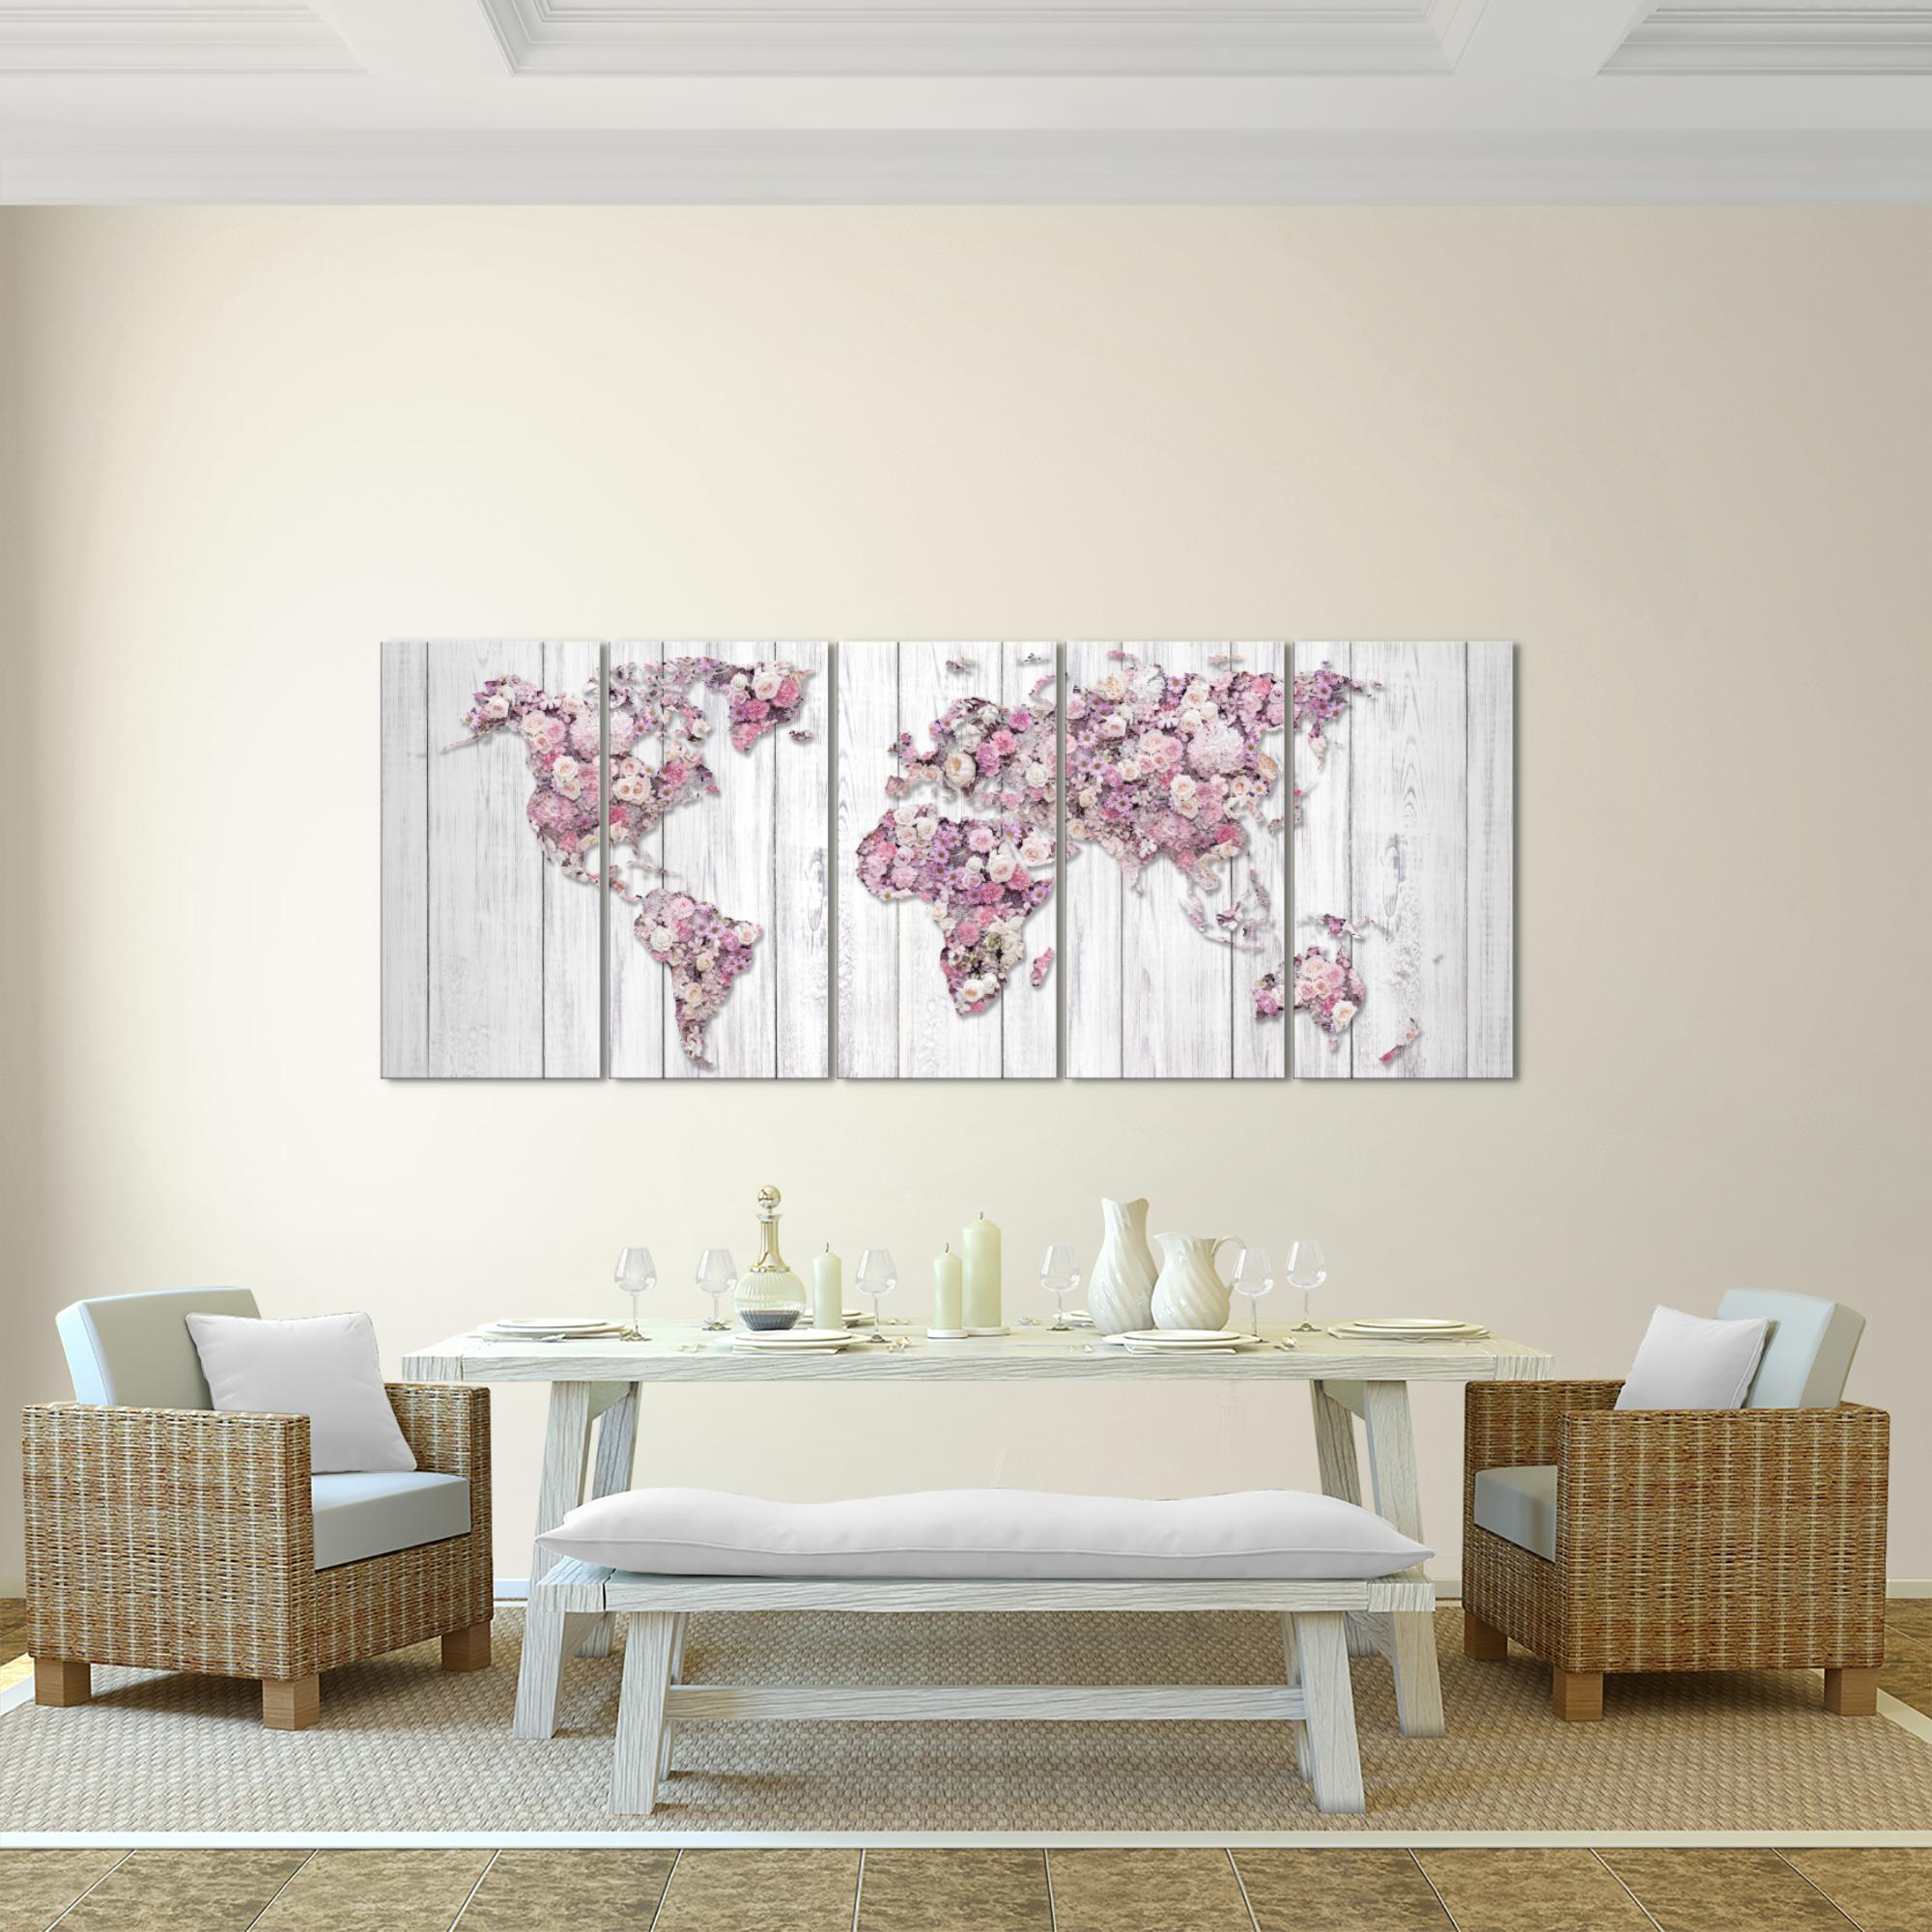 weltkarte blumen bild kunstdruck auf vlies leinwand xxl dekoration 023255p. Black Bedroom Furniture Sets. Home Design Ideas